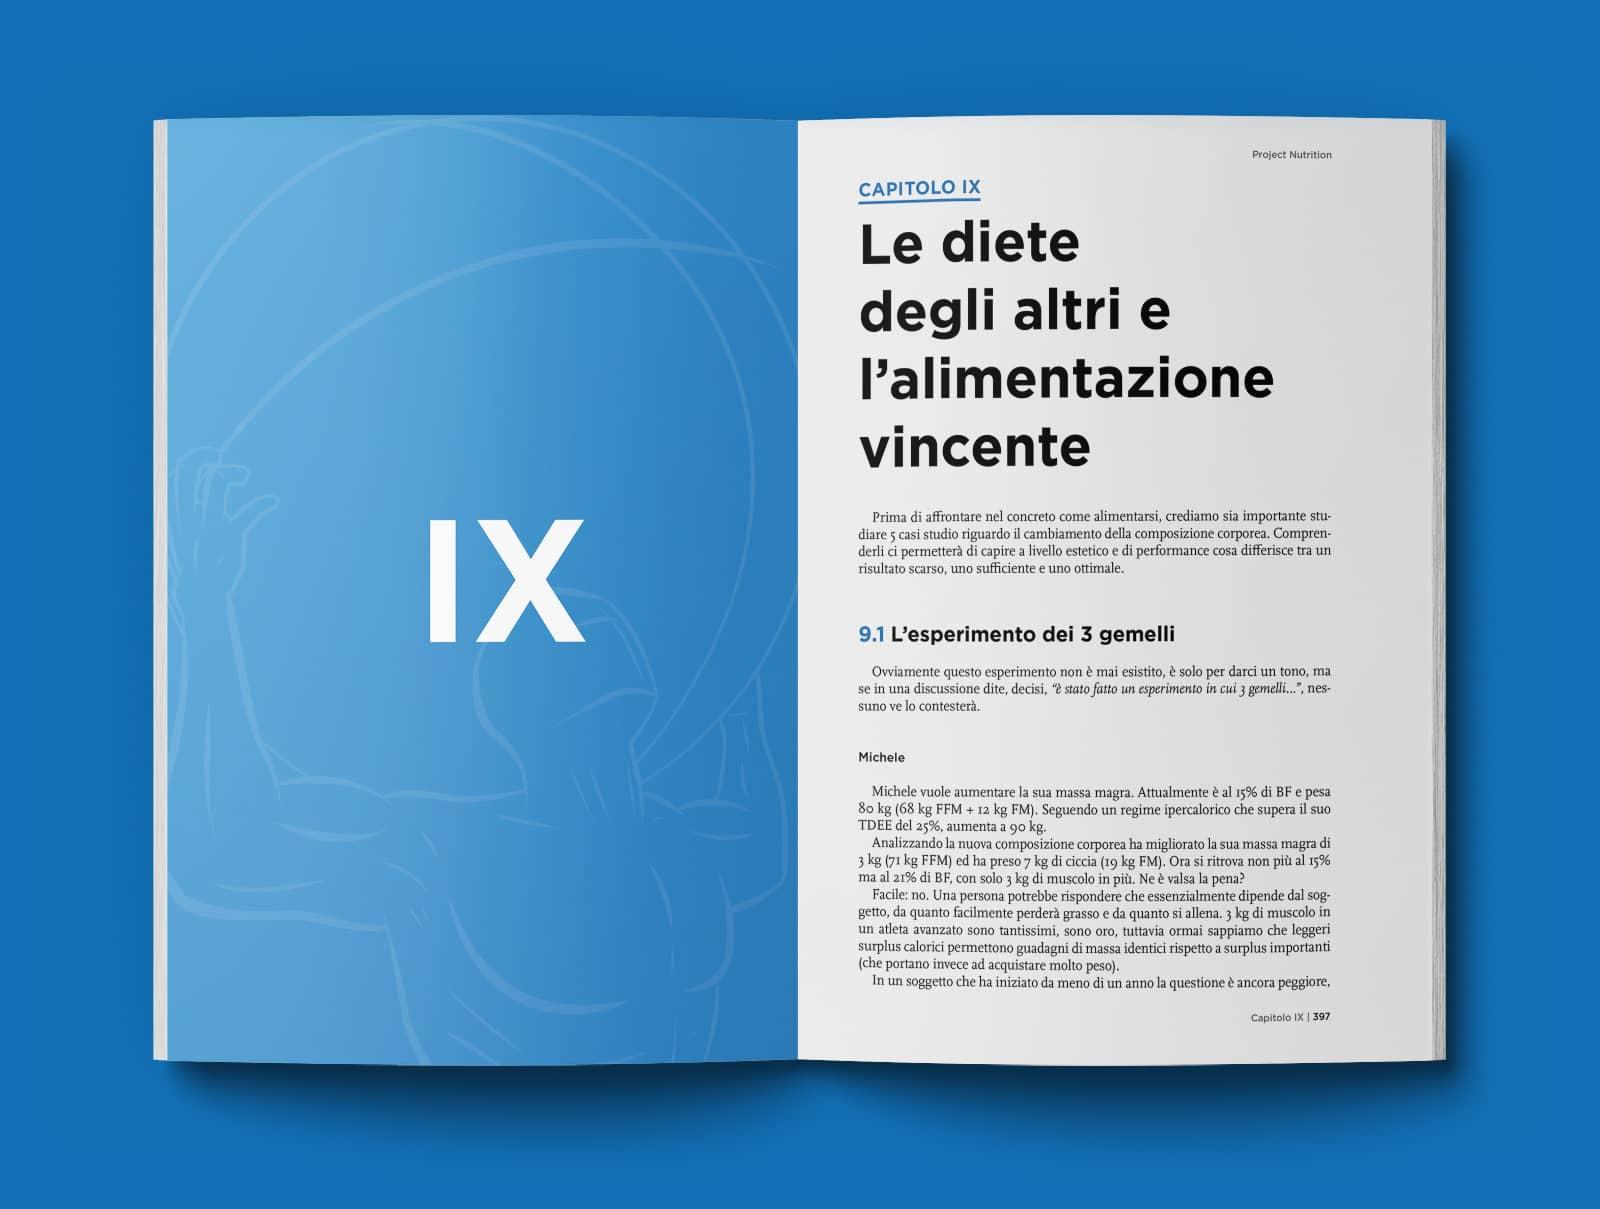 Project Nutrition Seconda Edizione Pagine